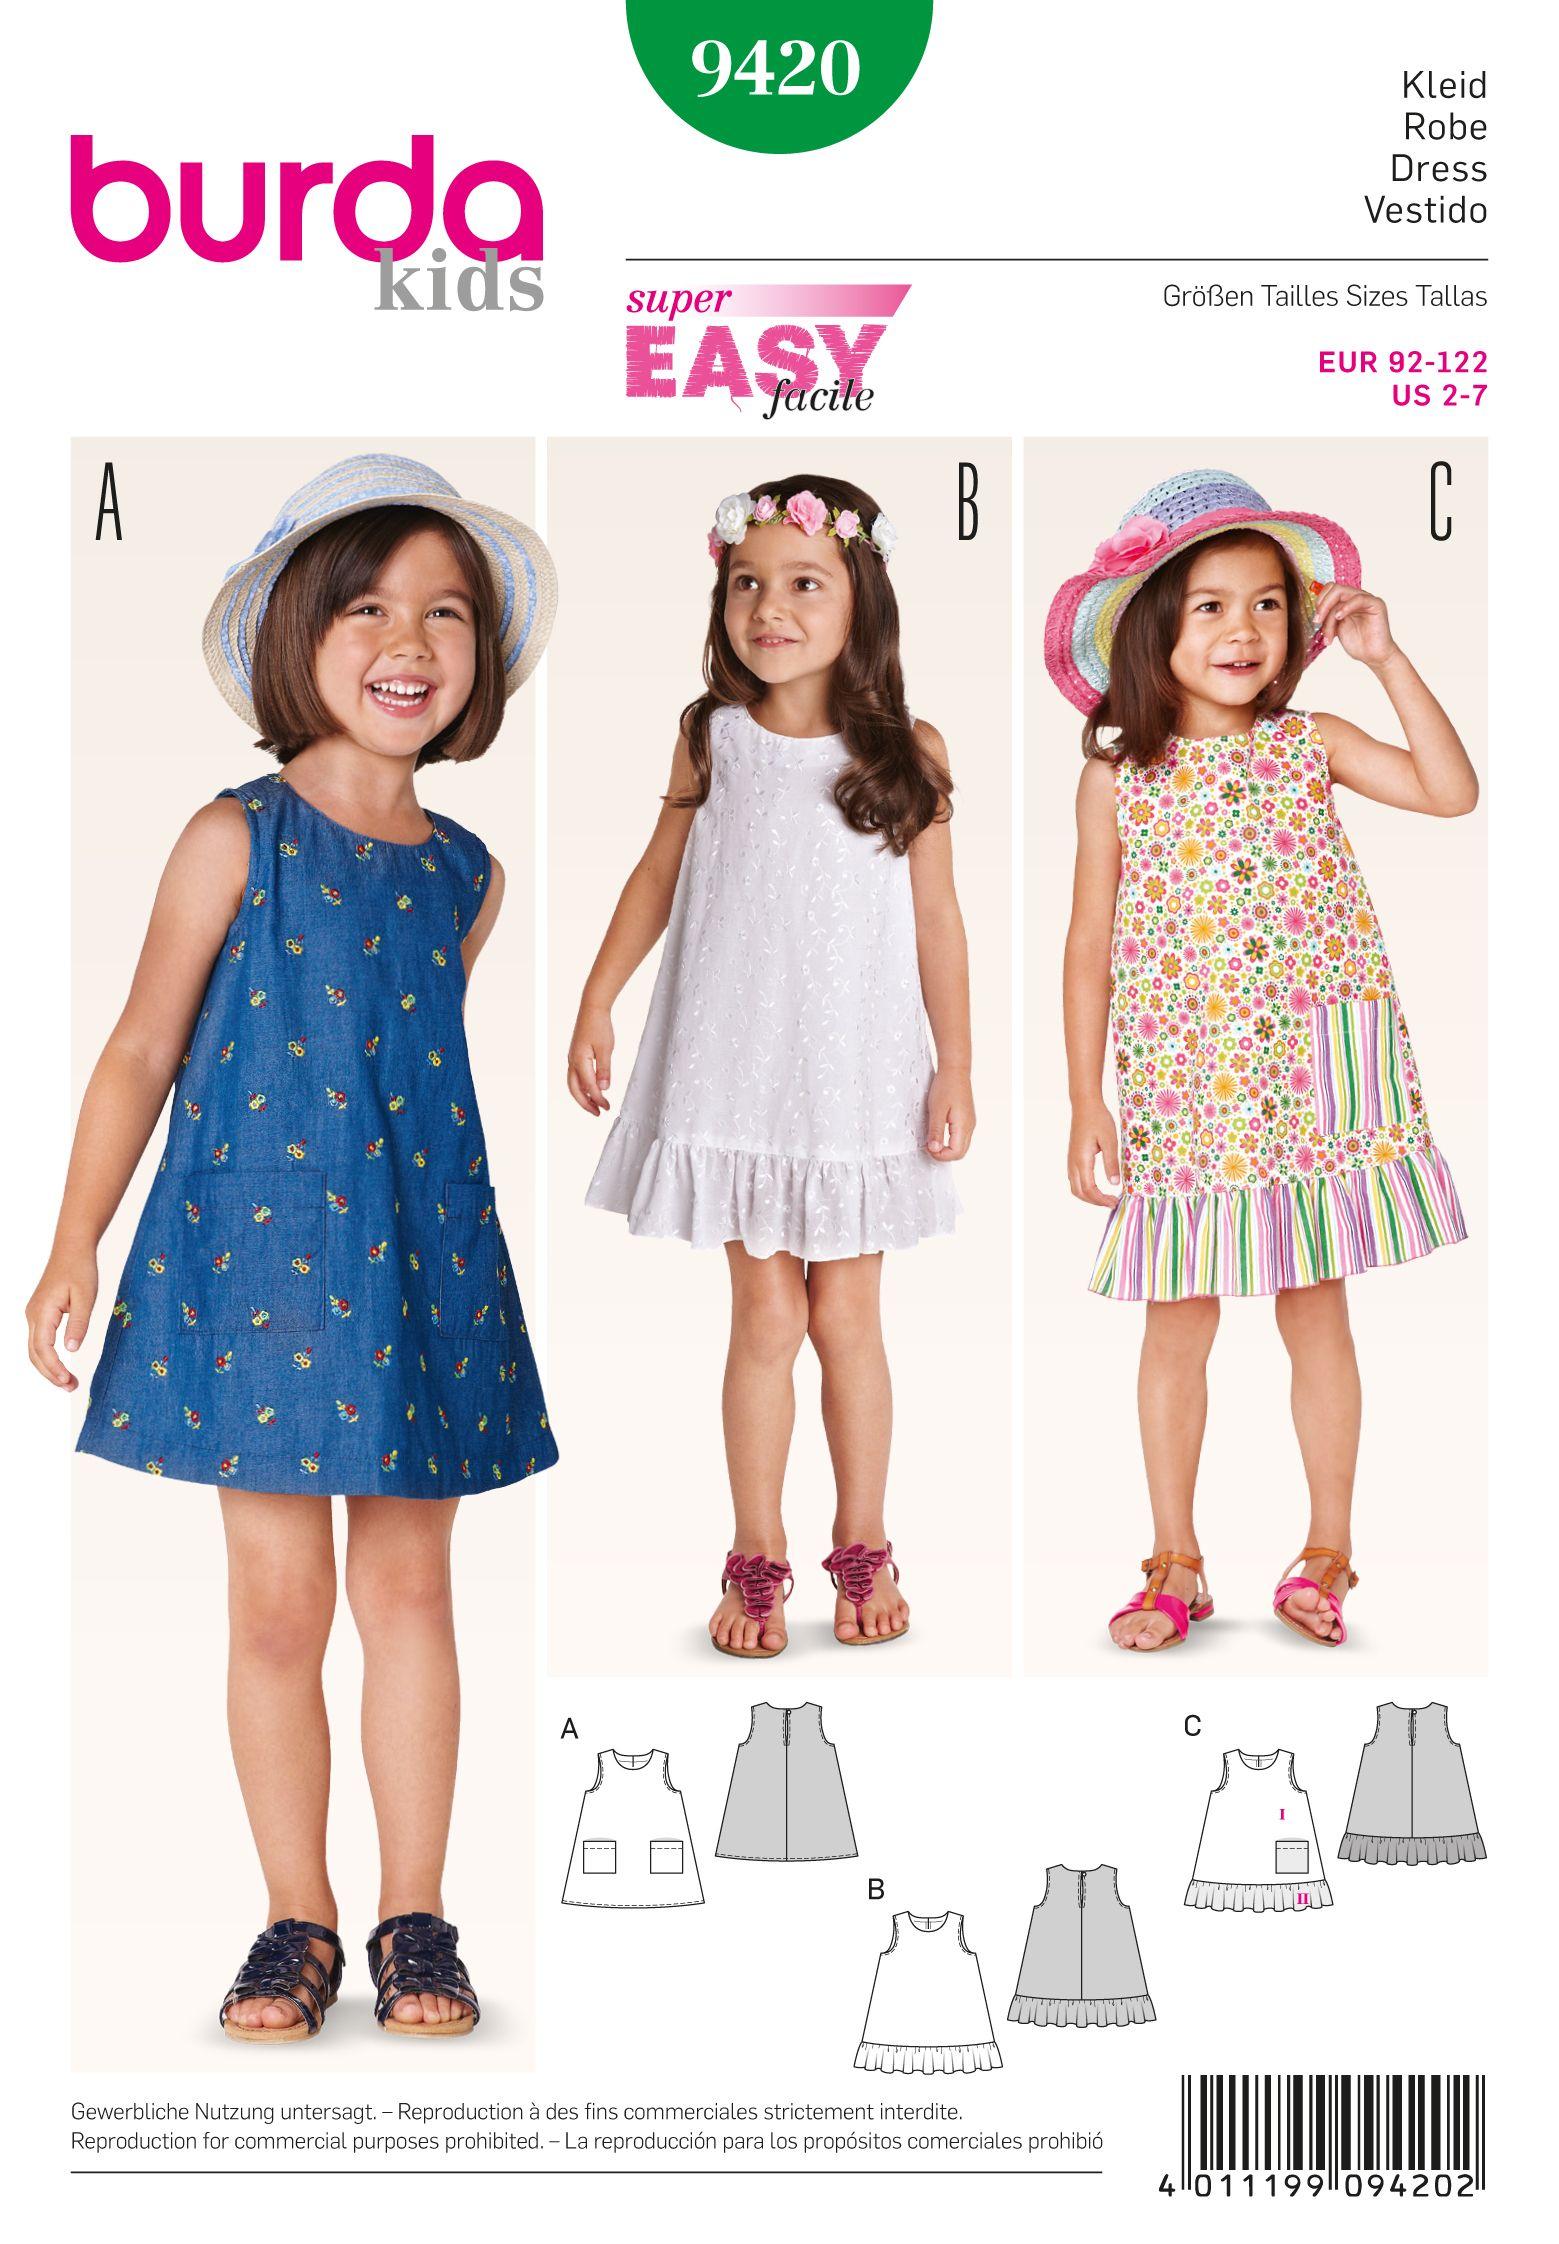 Patrones de corte burda 7903 muñecos vestidos talla 40-45cm